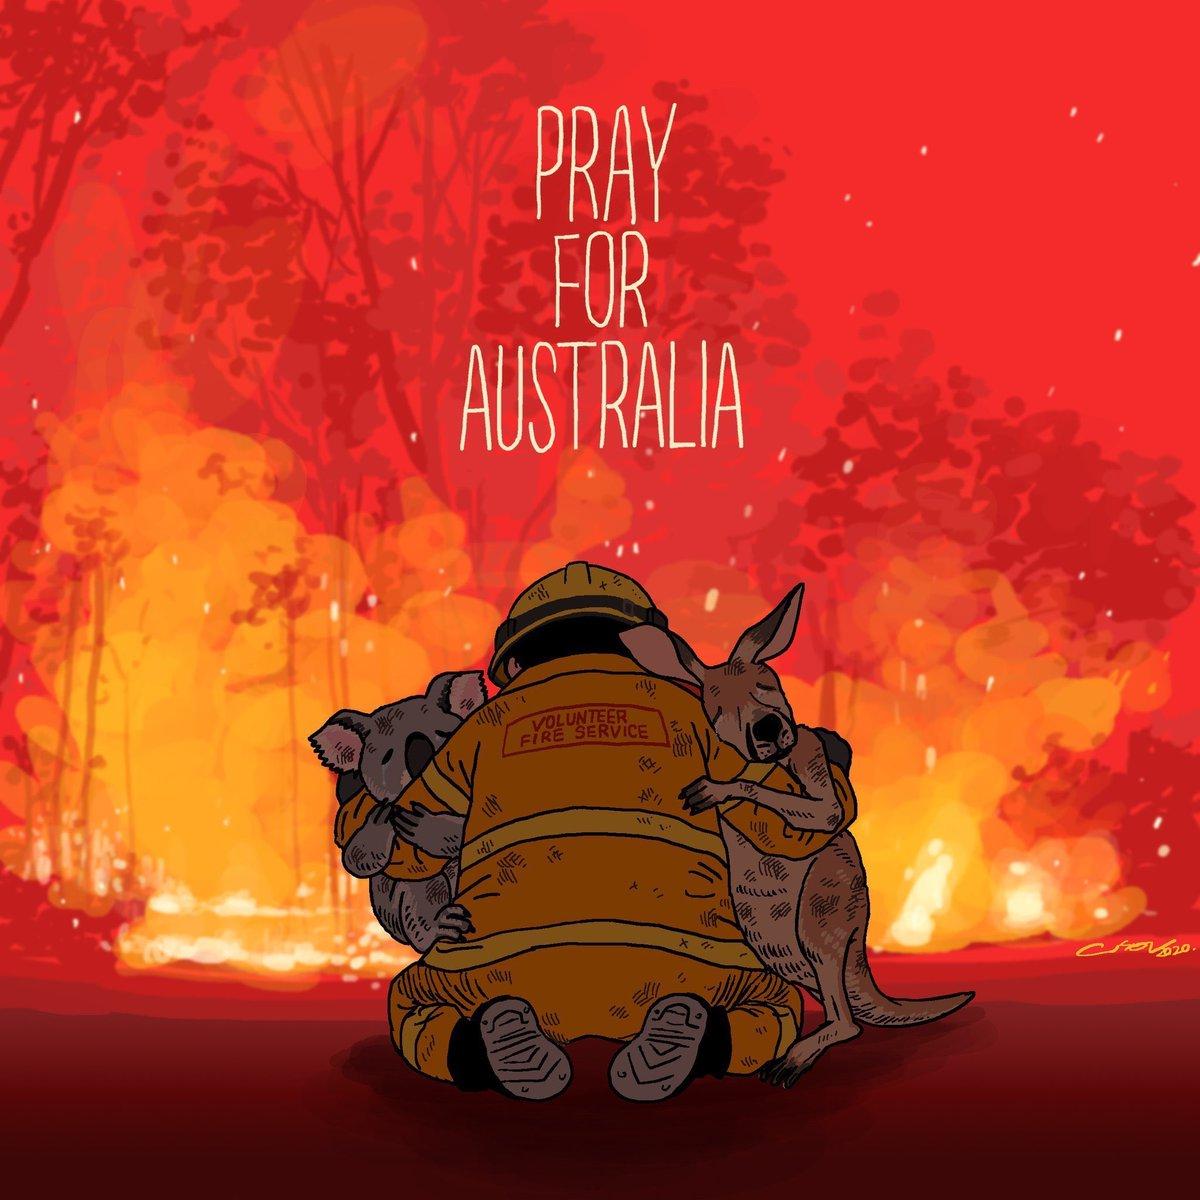 【拡散希望】 オーストラリアの山火事は被害が甚大なのに日本での報道が少なすぎる。 今こそTwitterの力で多くの人に広めたい。  私のフォロワー数とこのツイートのRT数を足して10倍した金額(円)を寄付します。(上限100万円) 寄付感覚でRTとフォローをお願いします!!  #PrayForAustralia https://t.co/sGh4LJUaFR